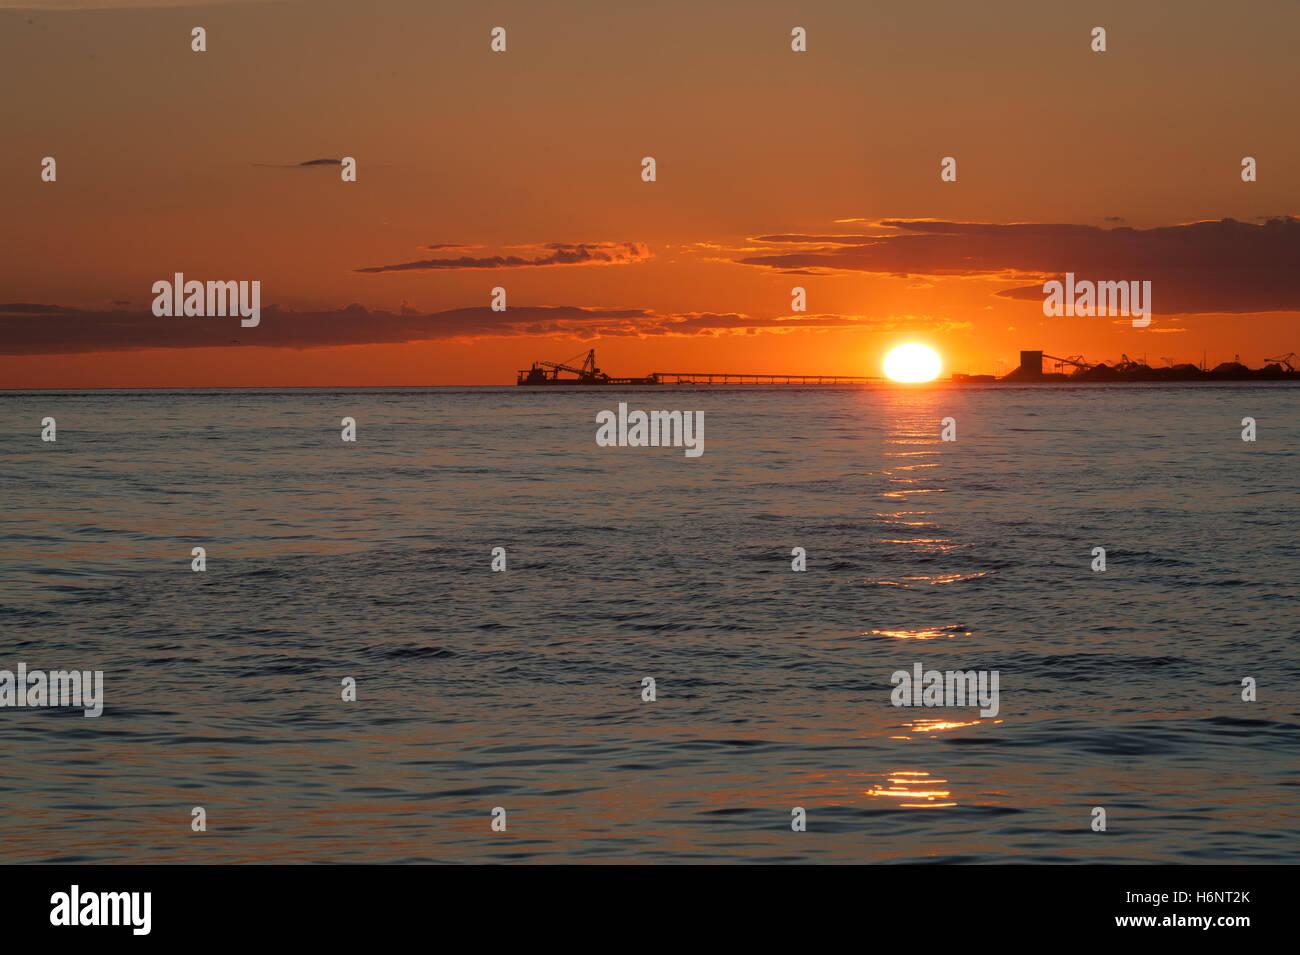 Les pétroliers au coucher du soleil à Point Roberts, Washington State, USA Banque D'Images